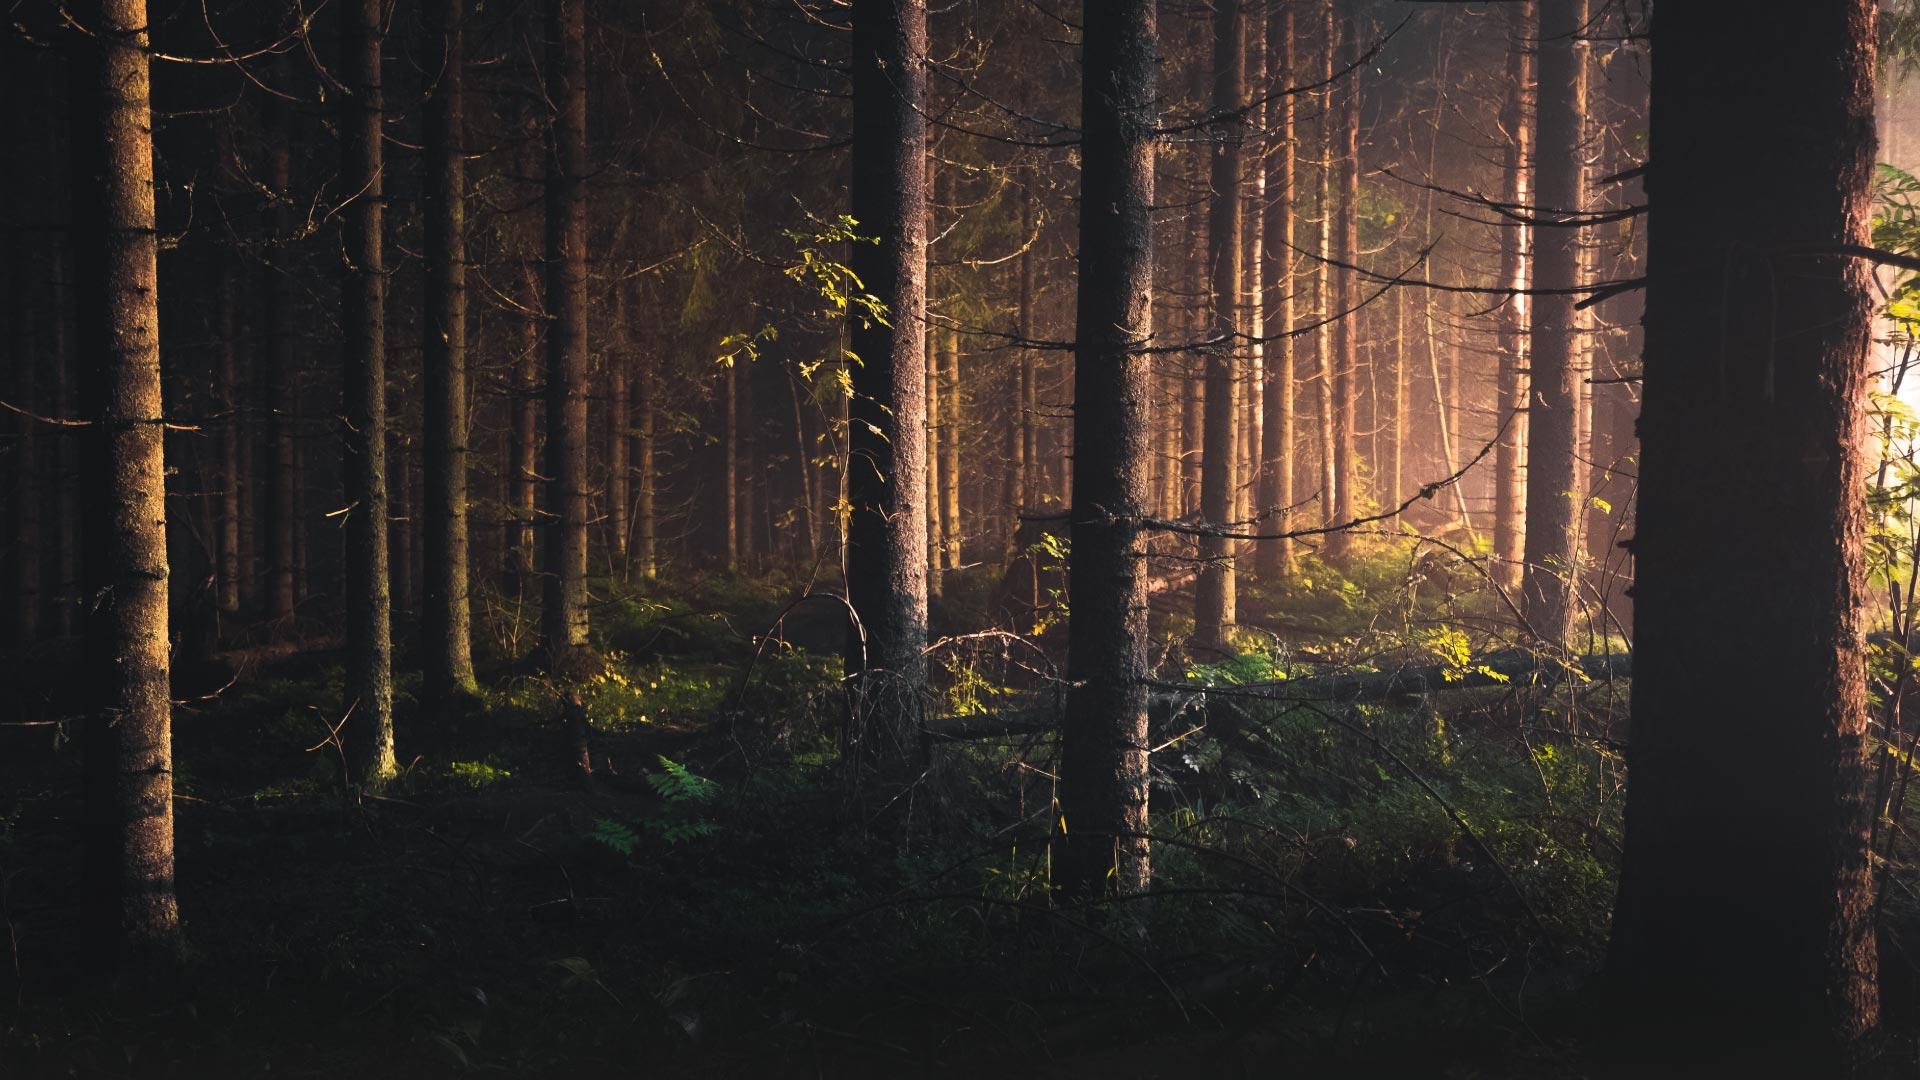 un forêt au printemps